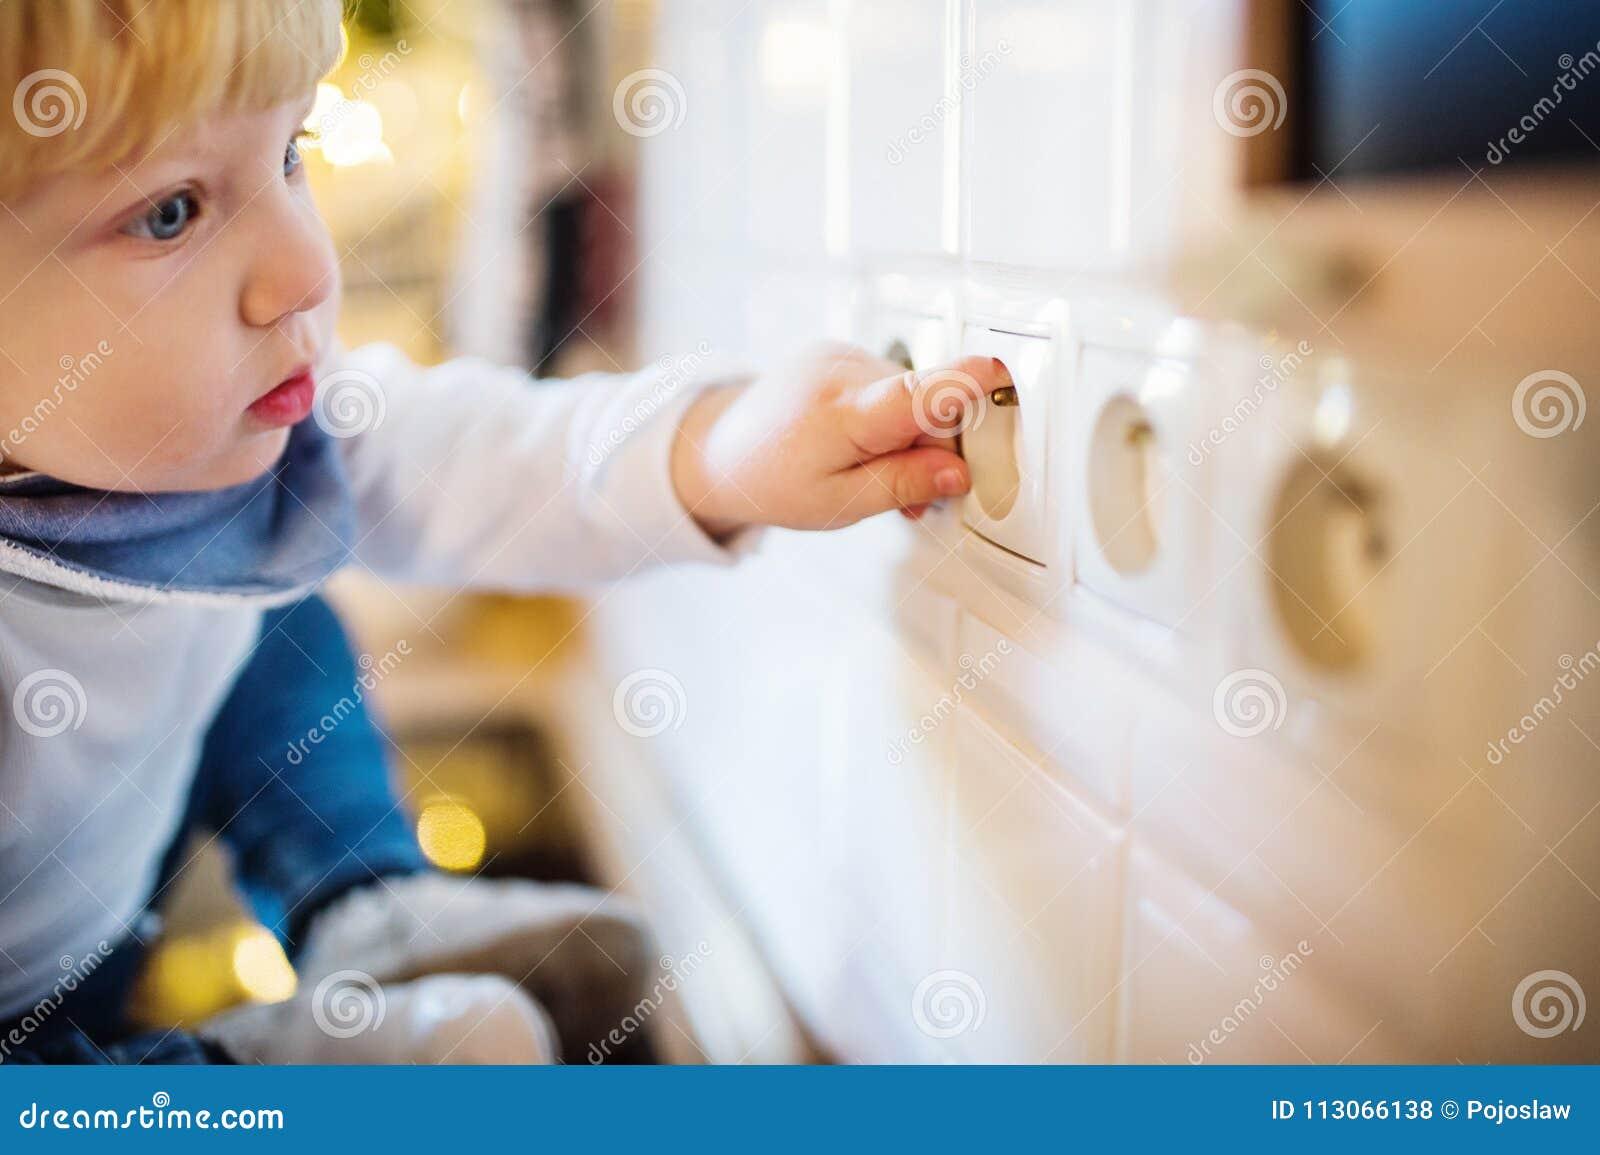 Garçon d enfant en bas âge dans la situation dangereuse à la maison Concept de sécurité de l enfant